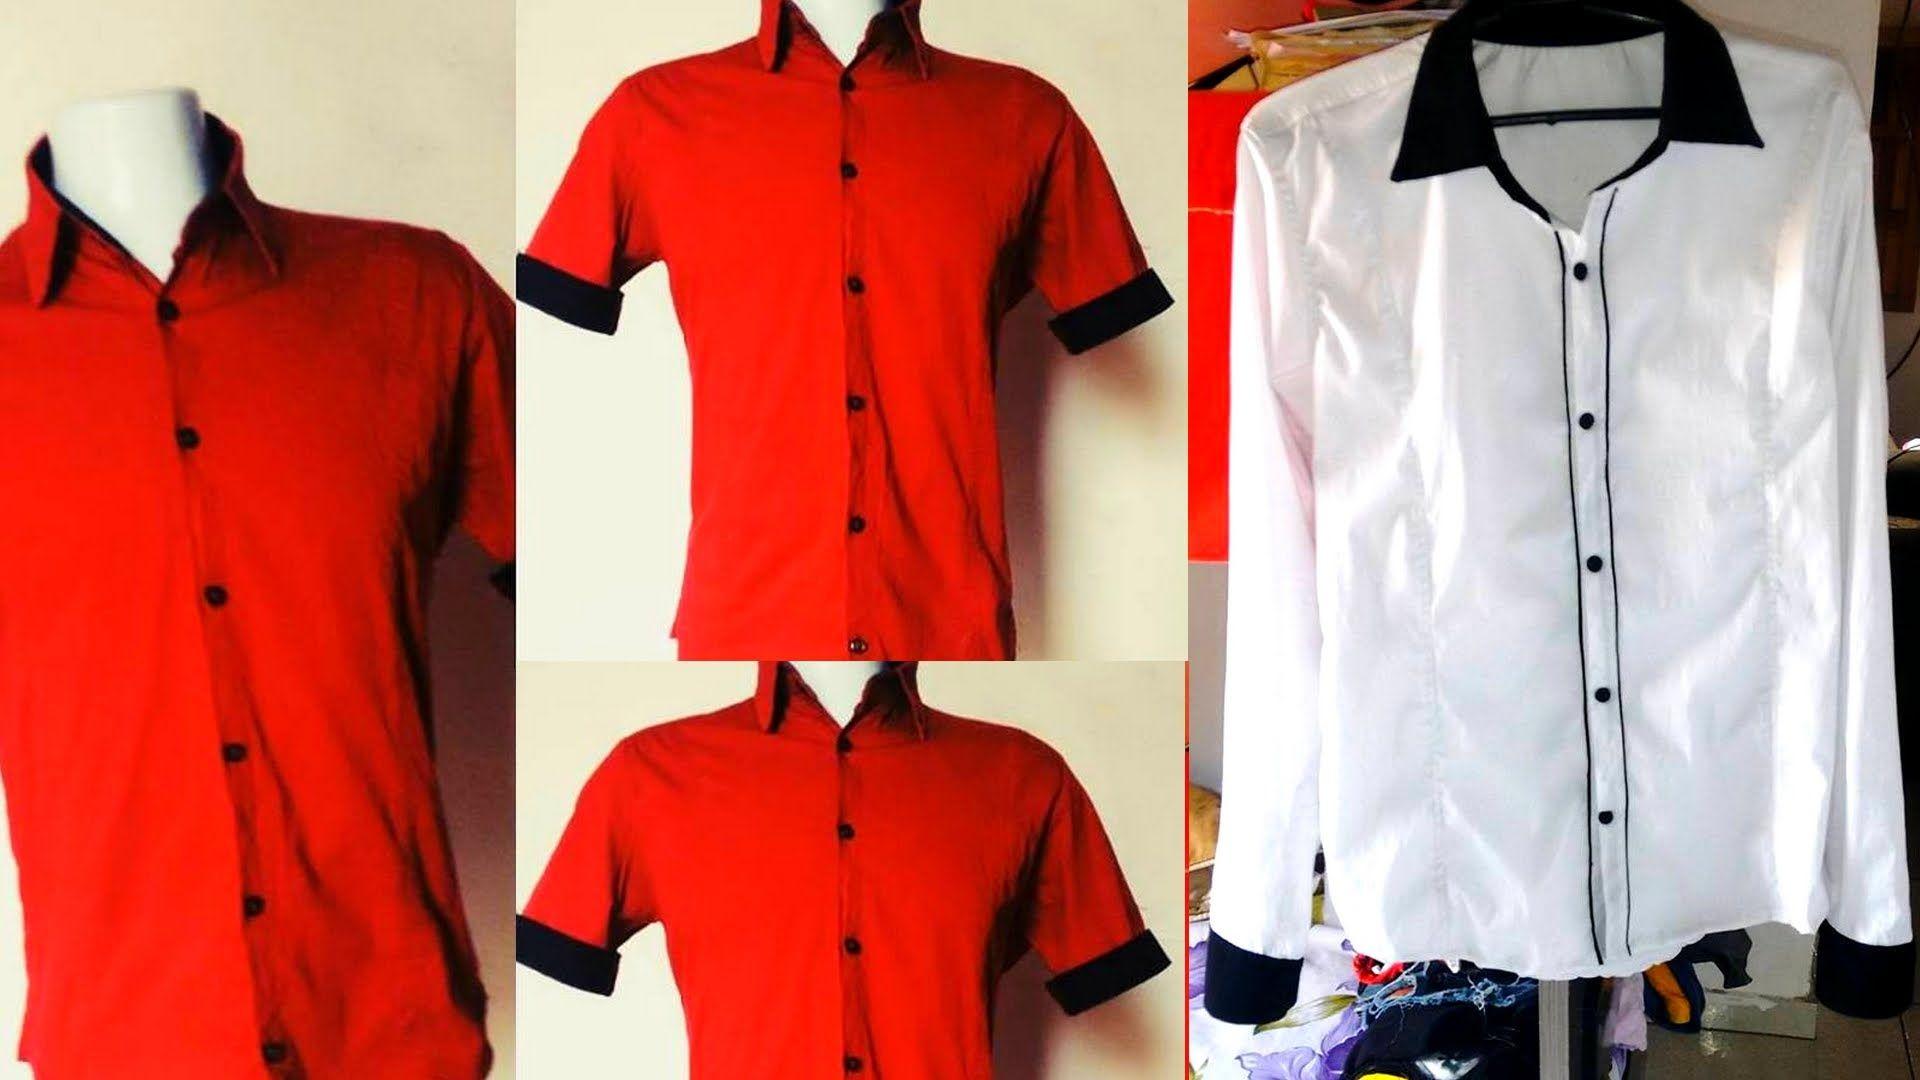 Aprenda passo-a-passo  modelagem rápida de camisa social slim fit ... 846e8e802db21